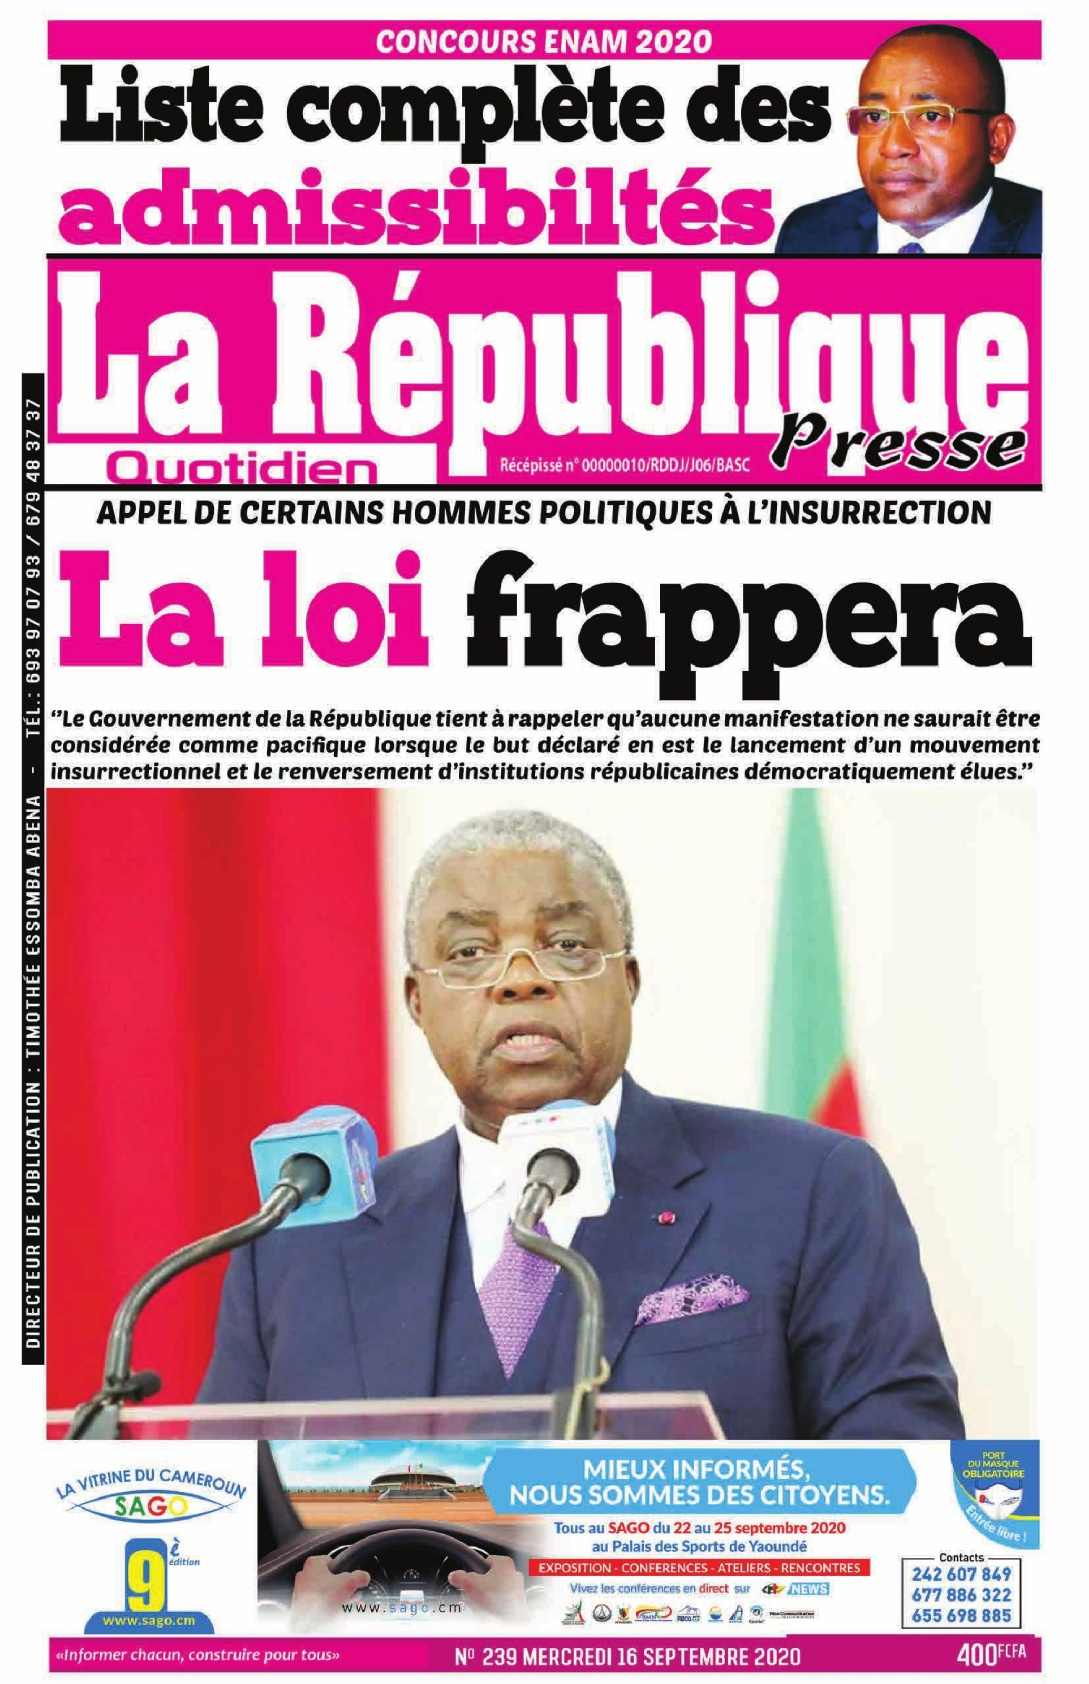 LA REPUBLIQUE PRESSE - 16/09/2020